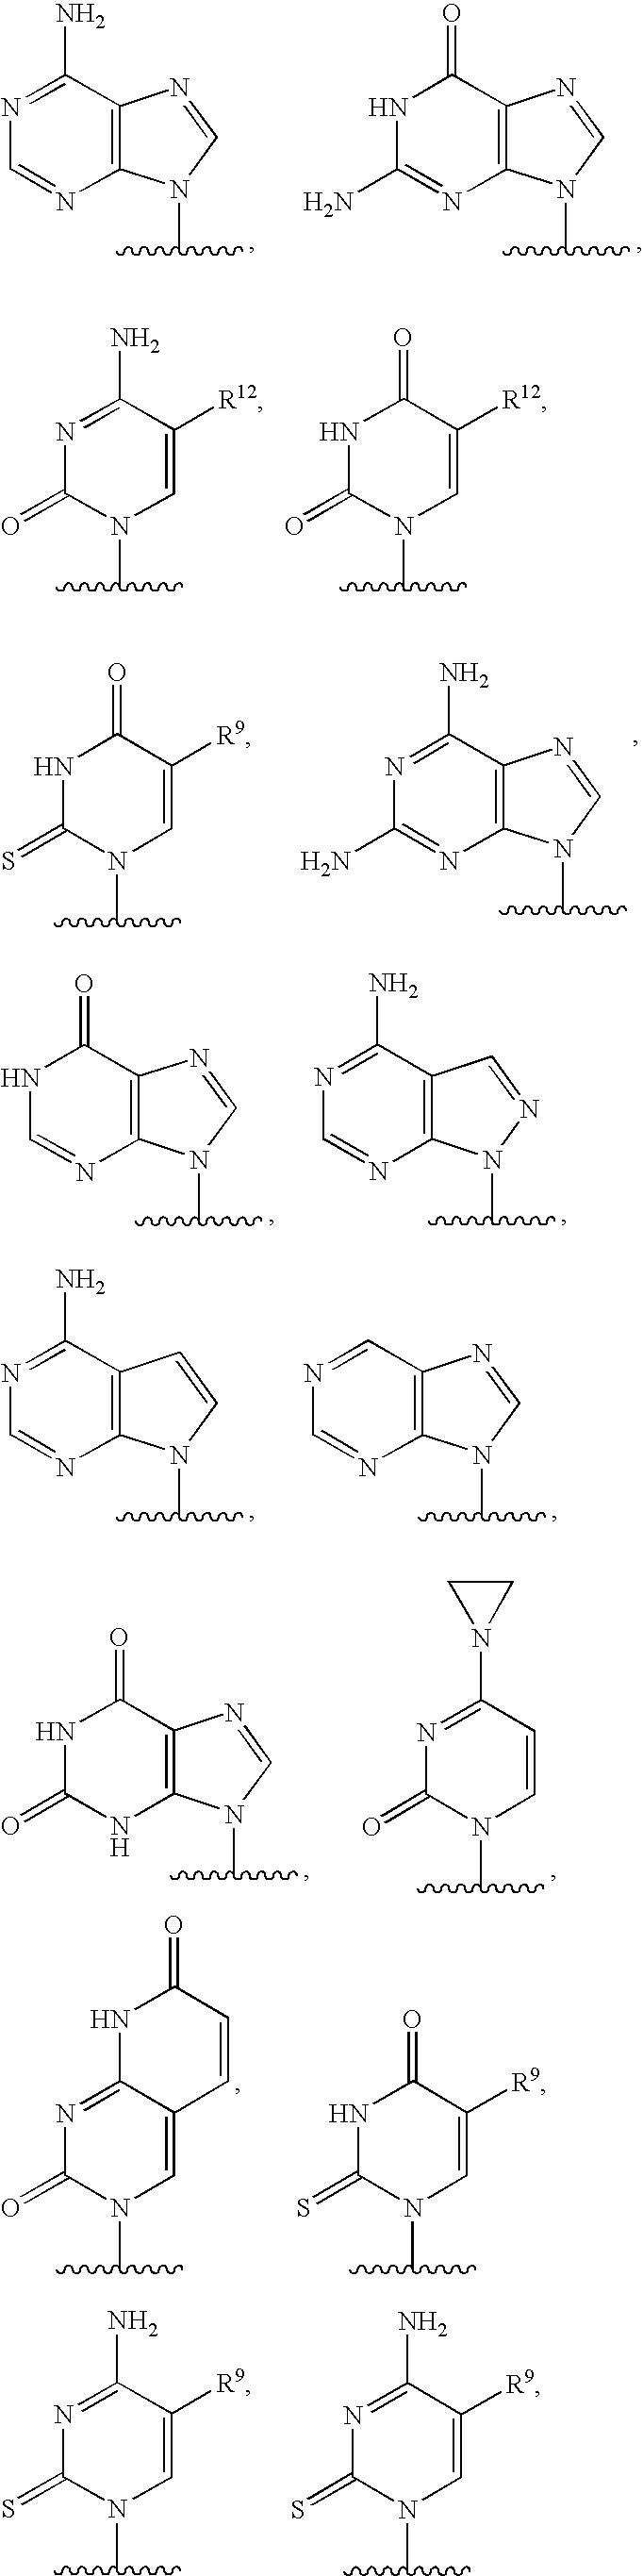 Figure US20060287260A1-20061221-C00101